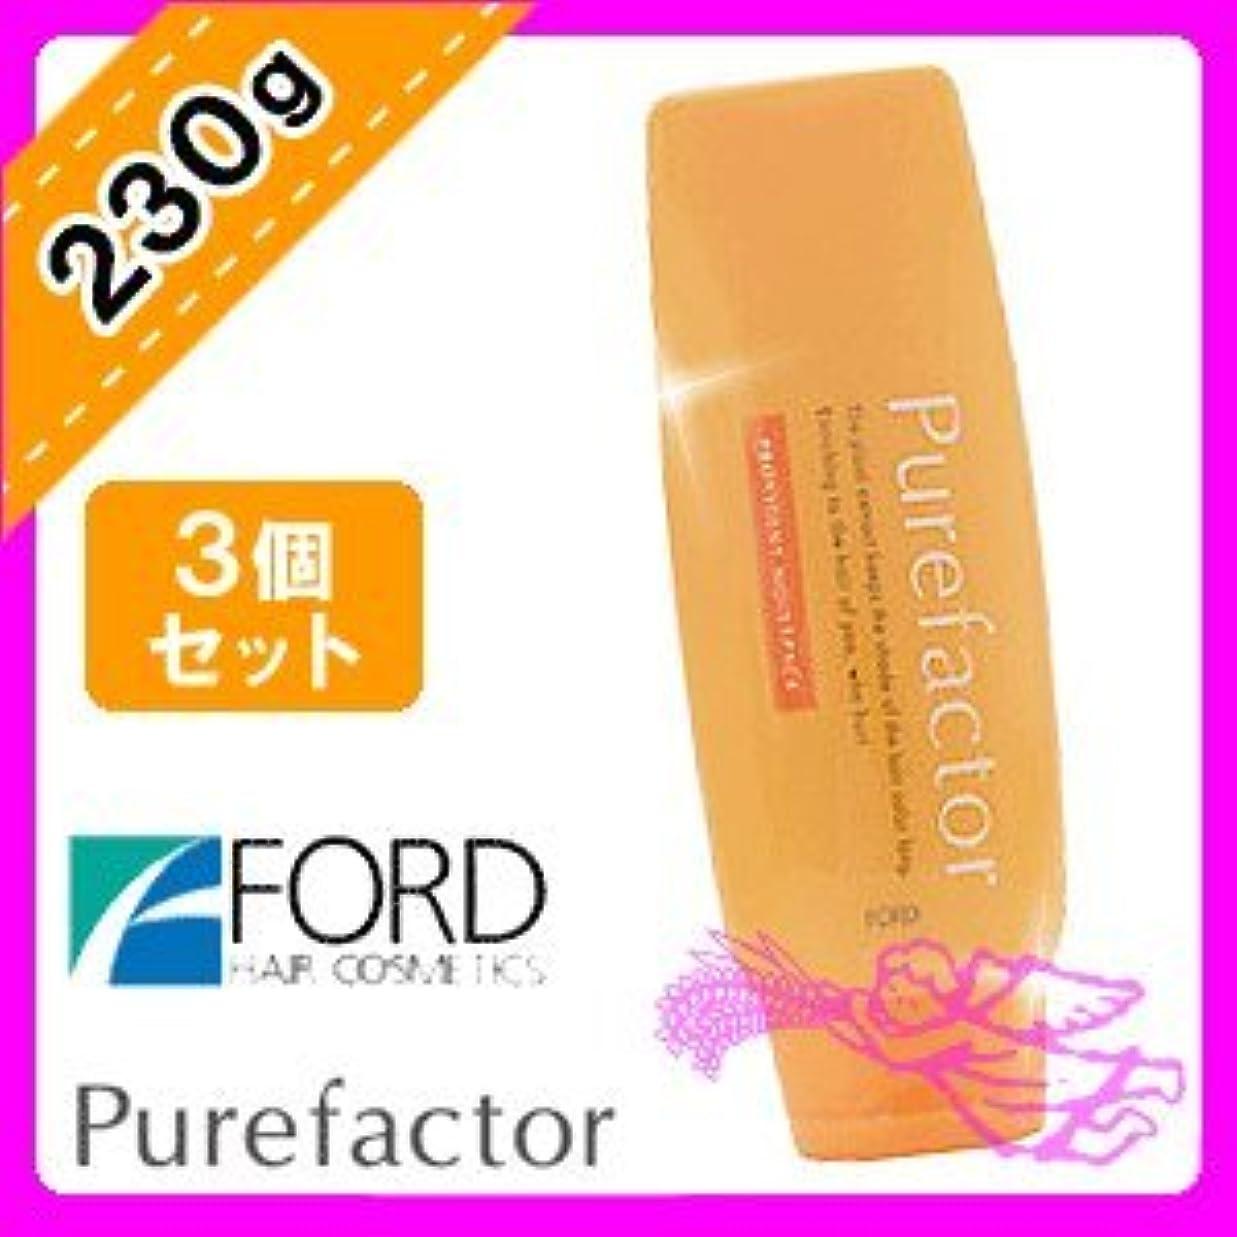 アテンダント参照する緩やかなフォード ピュアファクター モイストパック 230g ×3個 セット FORD Pure factor